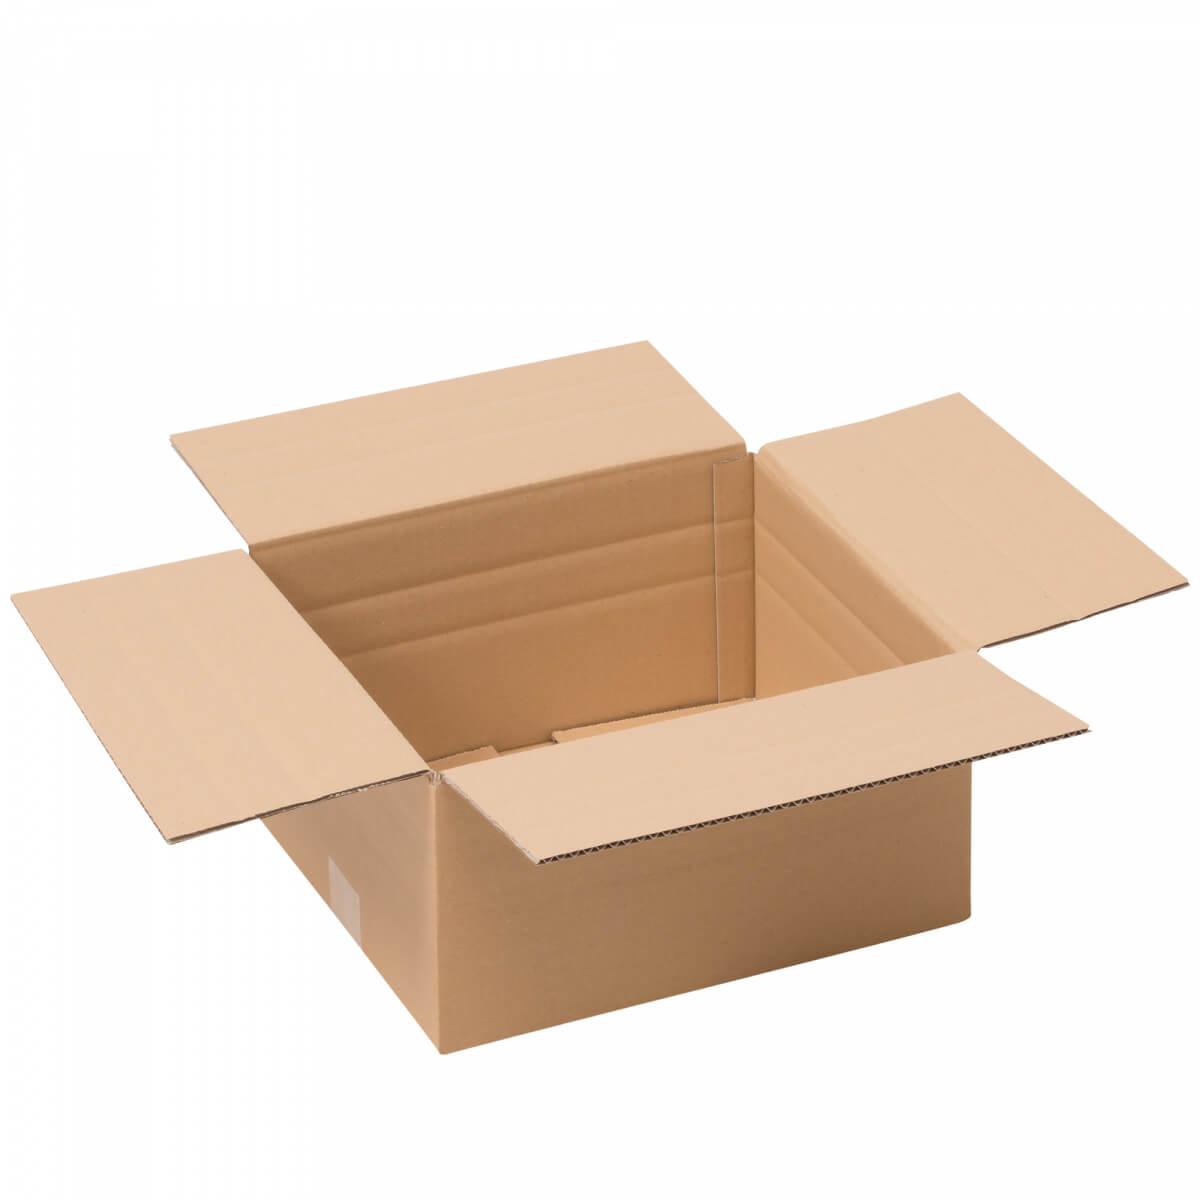 325x280x160 mm einwelliger faltkarton pack haus verpackung direkt vom hersteller. Black Bedroom Furniture Sets. Home Design Ideas